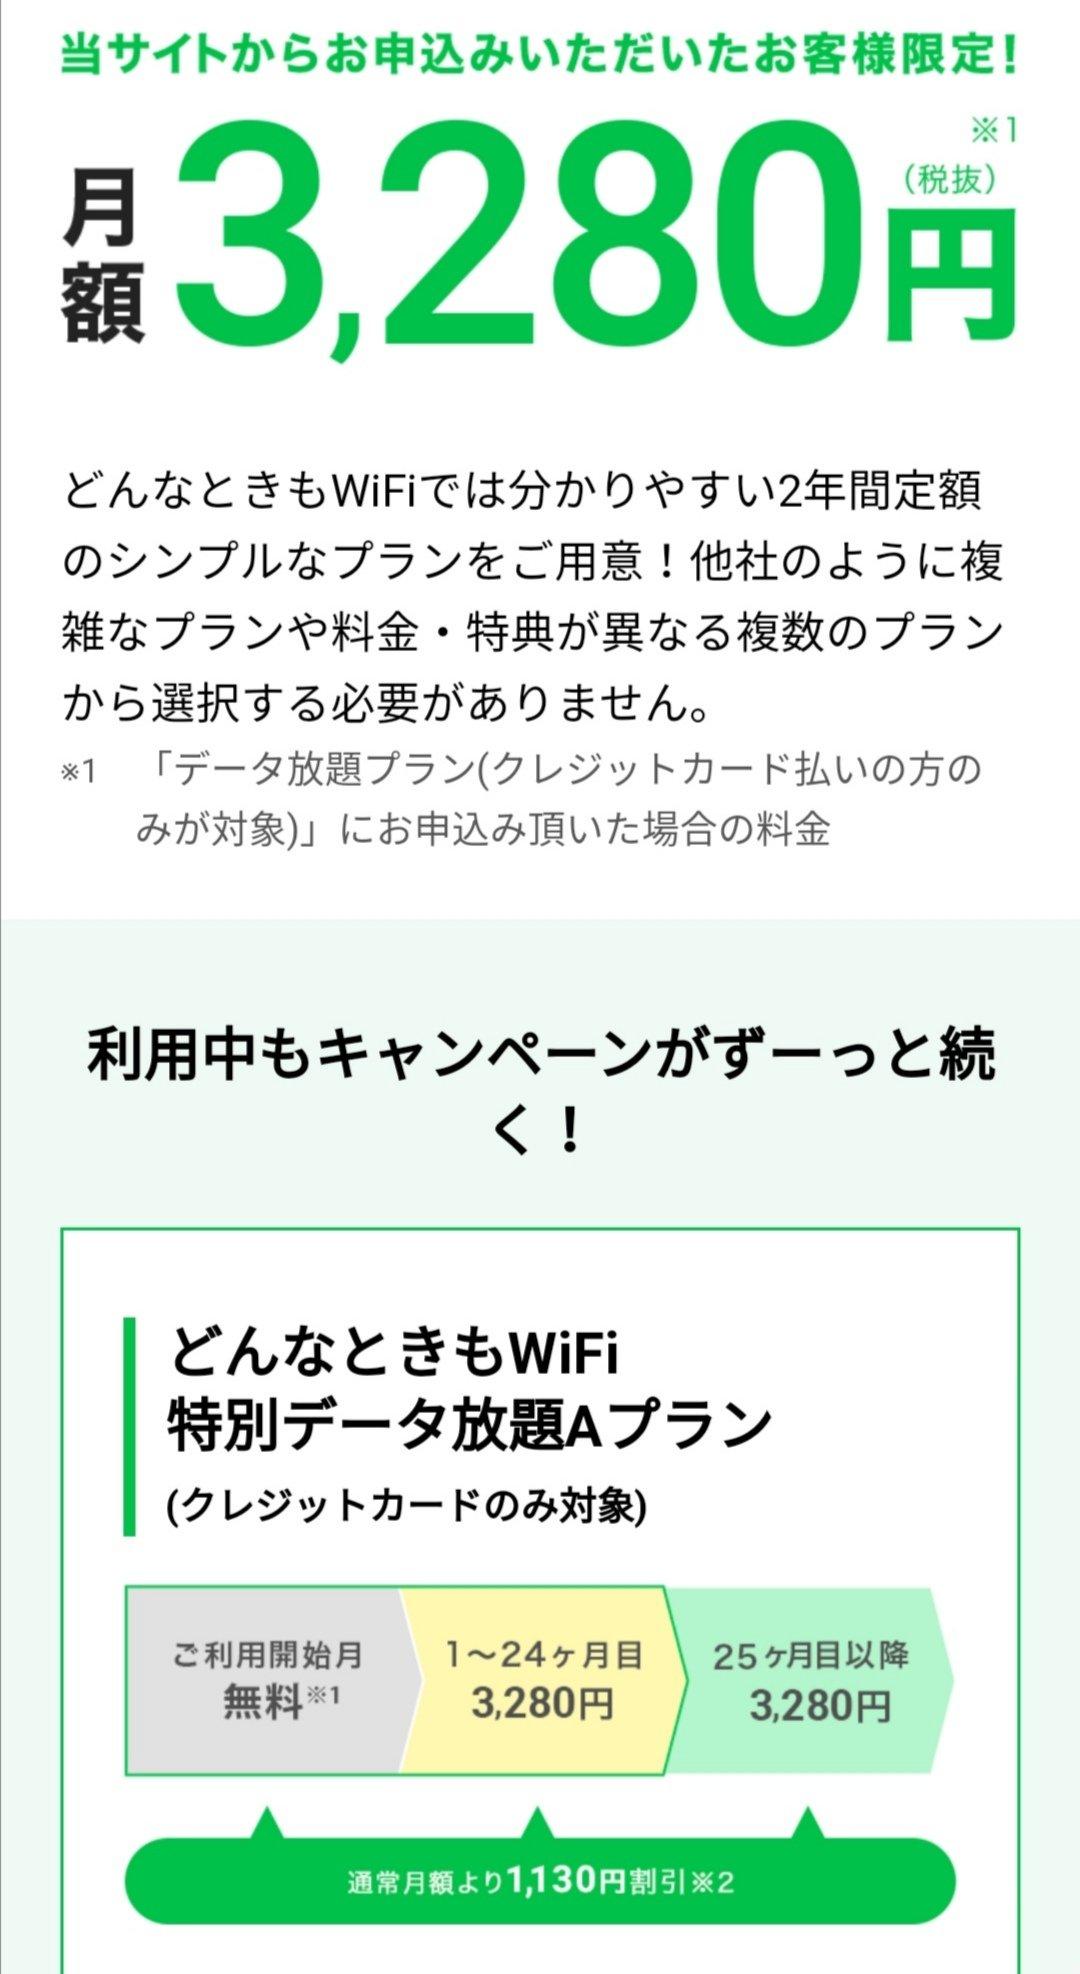 どんな とき も wifi 複数